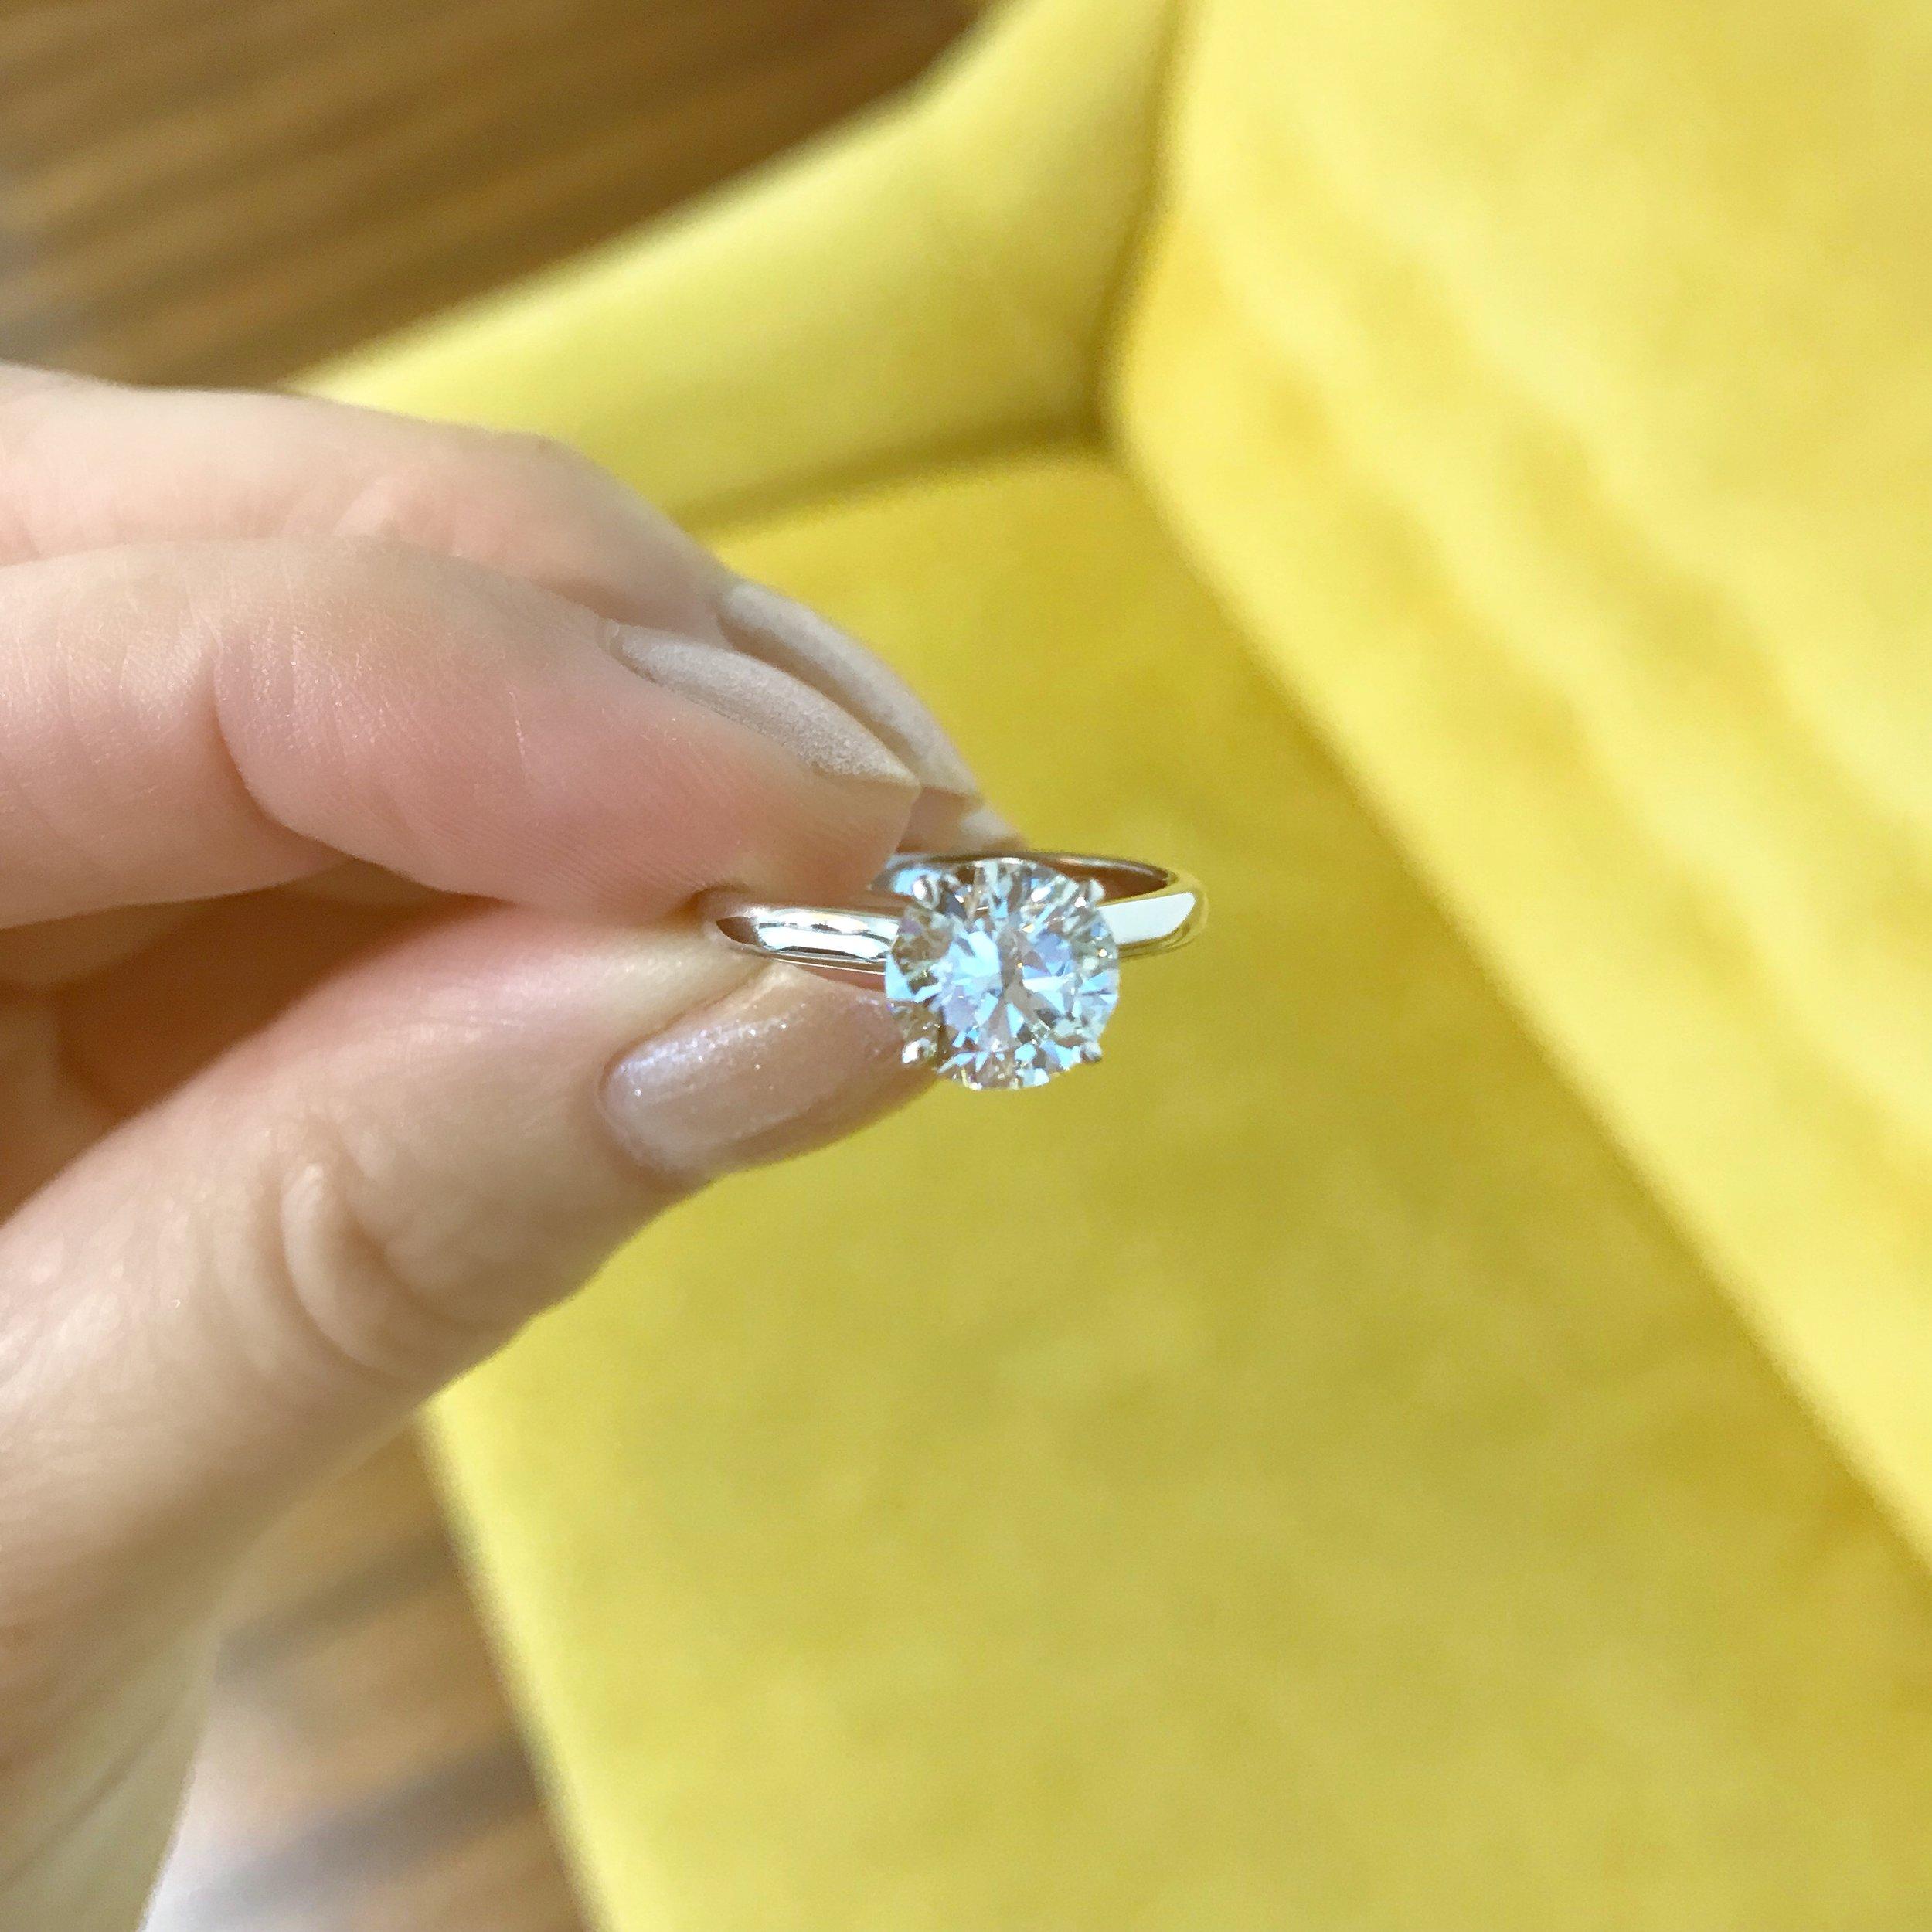 1.8 carat round diamond